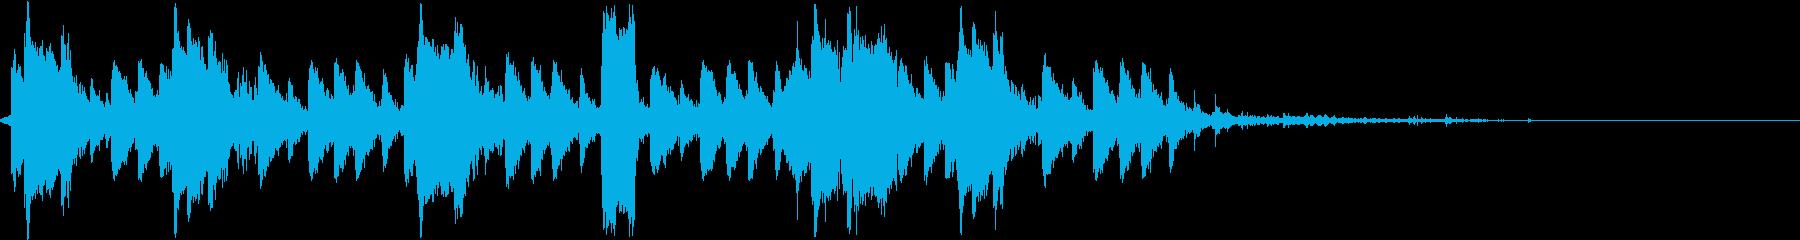 DJ効果音 街中をあるく(10倍速)の再生済みの波形